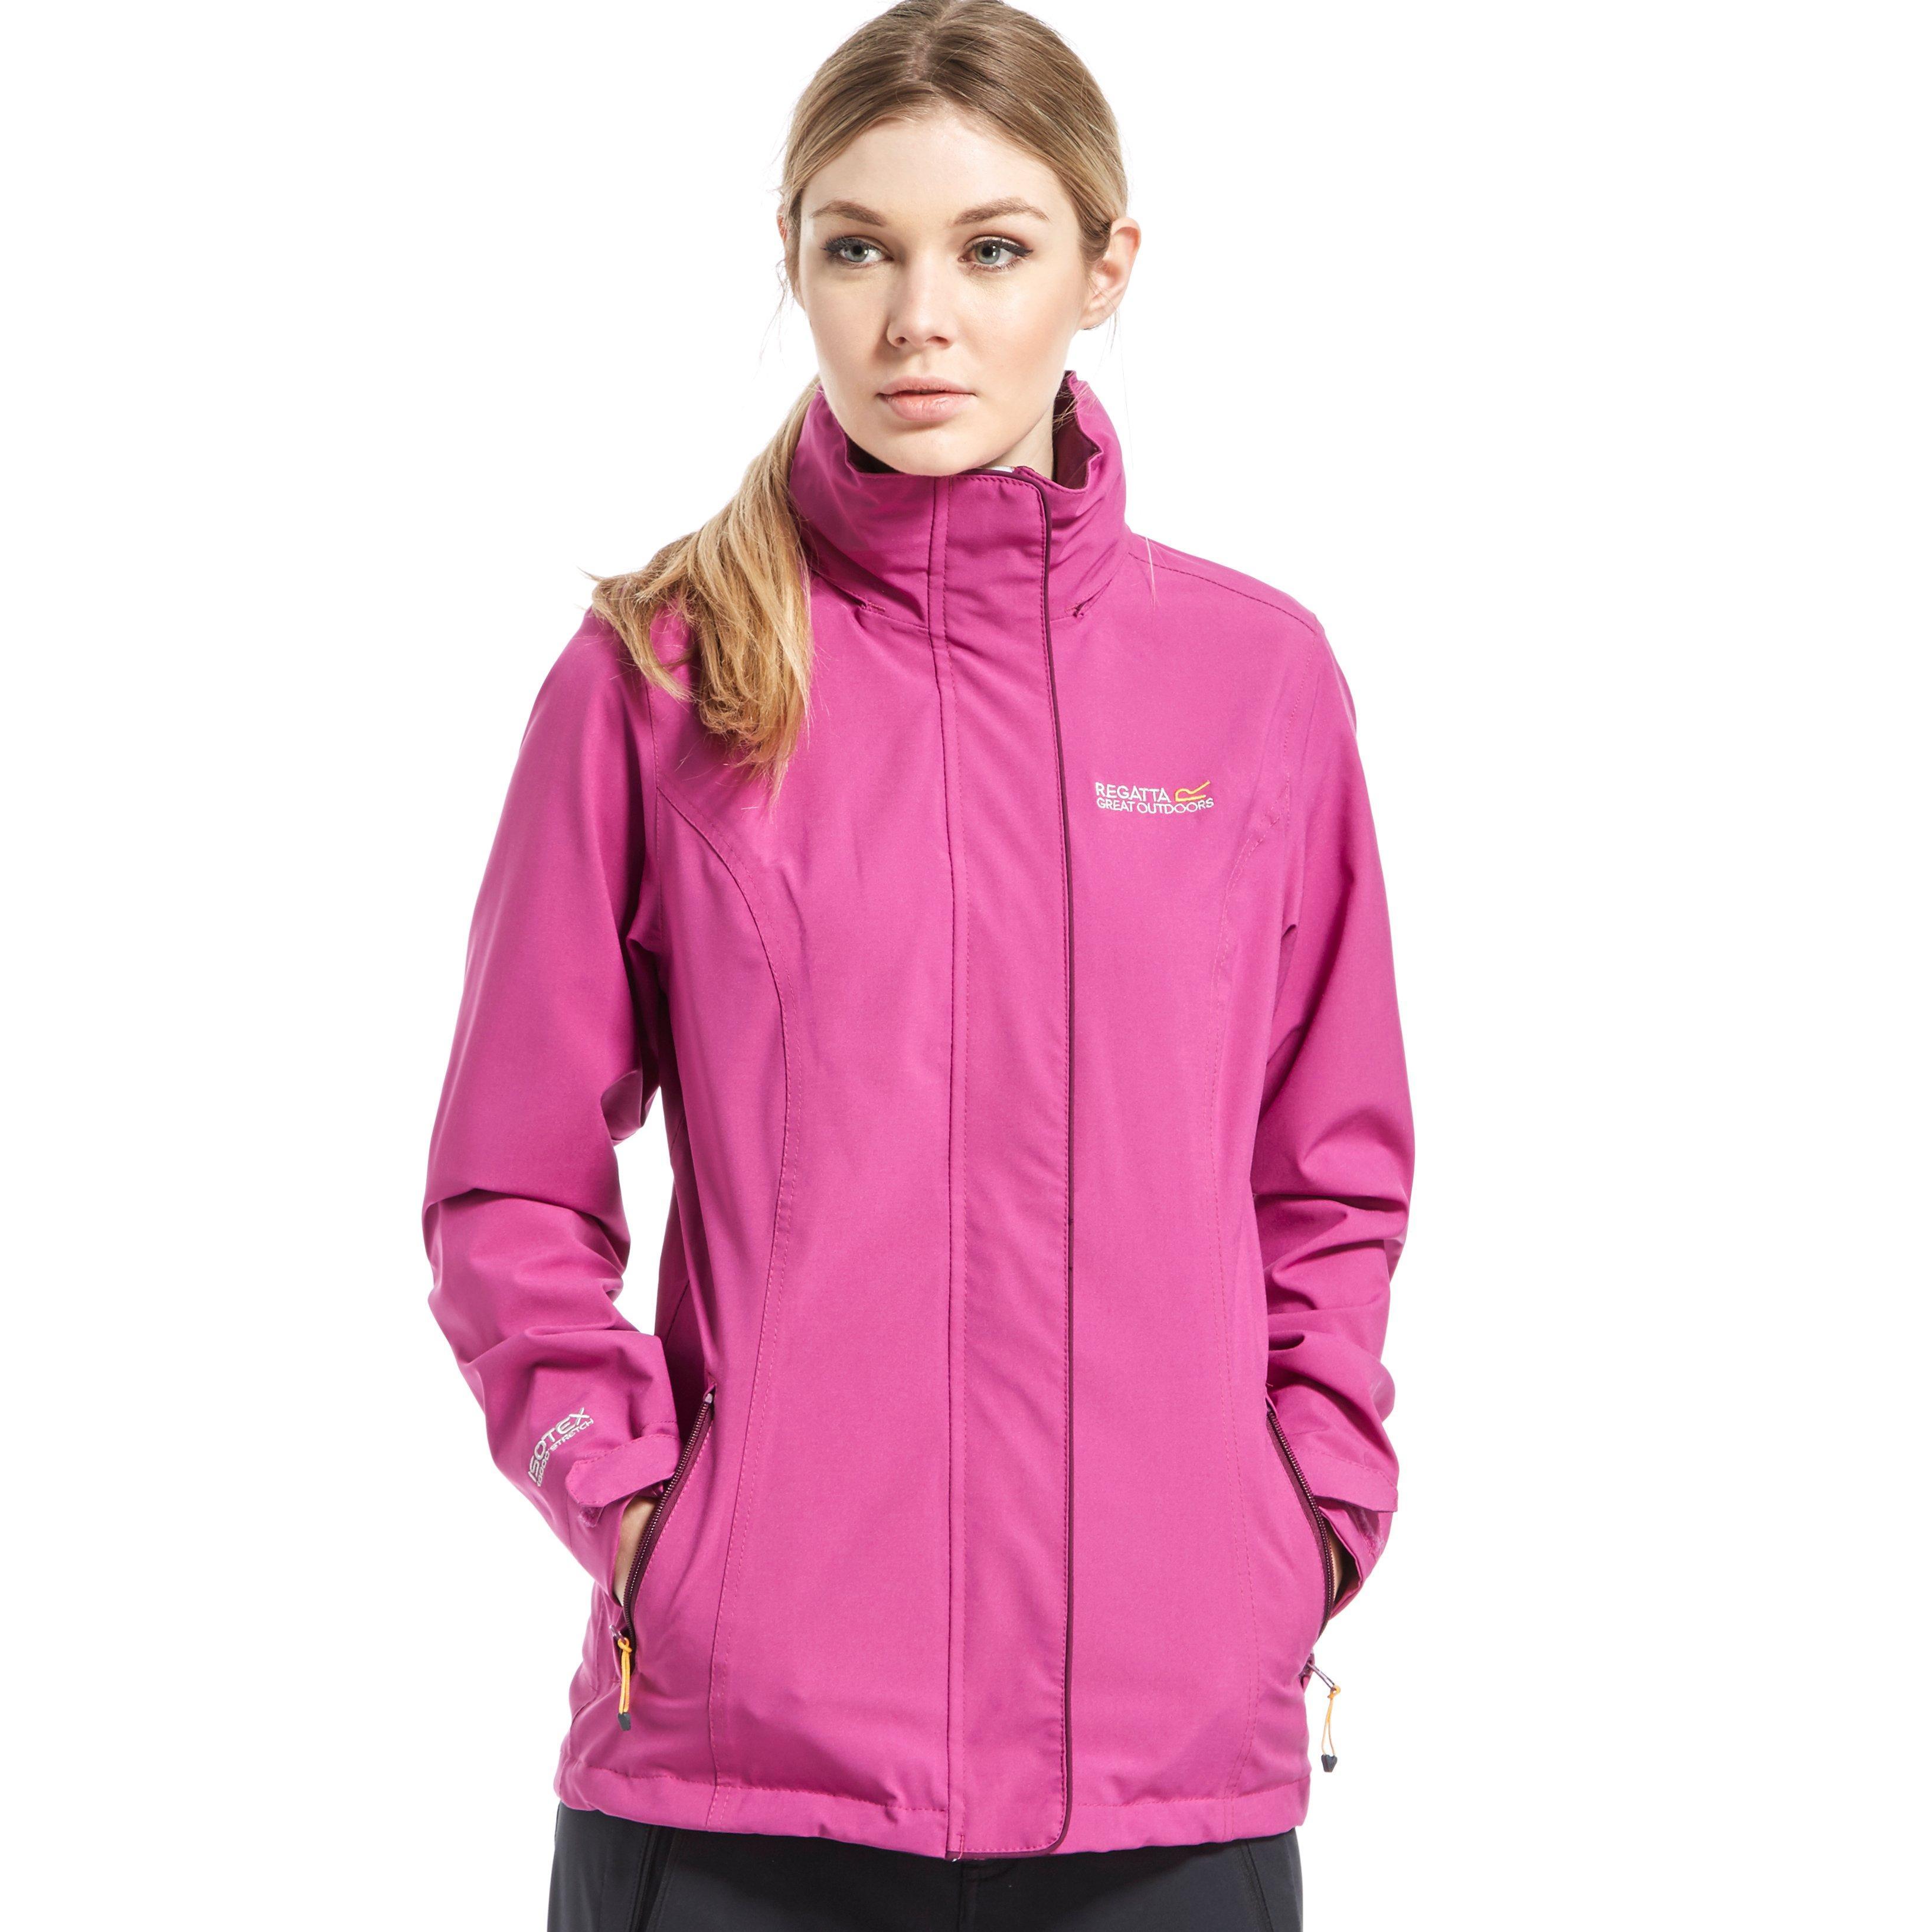 Regatta Womens Keeta Stretch Jacket Pink